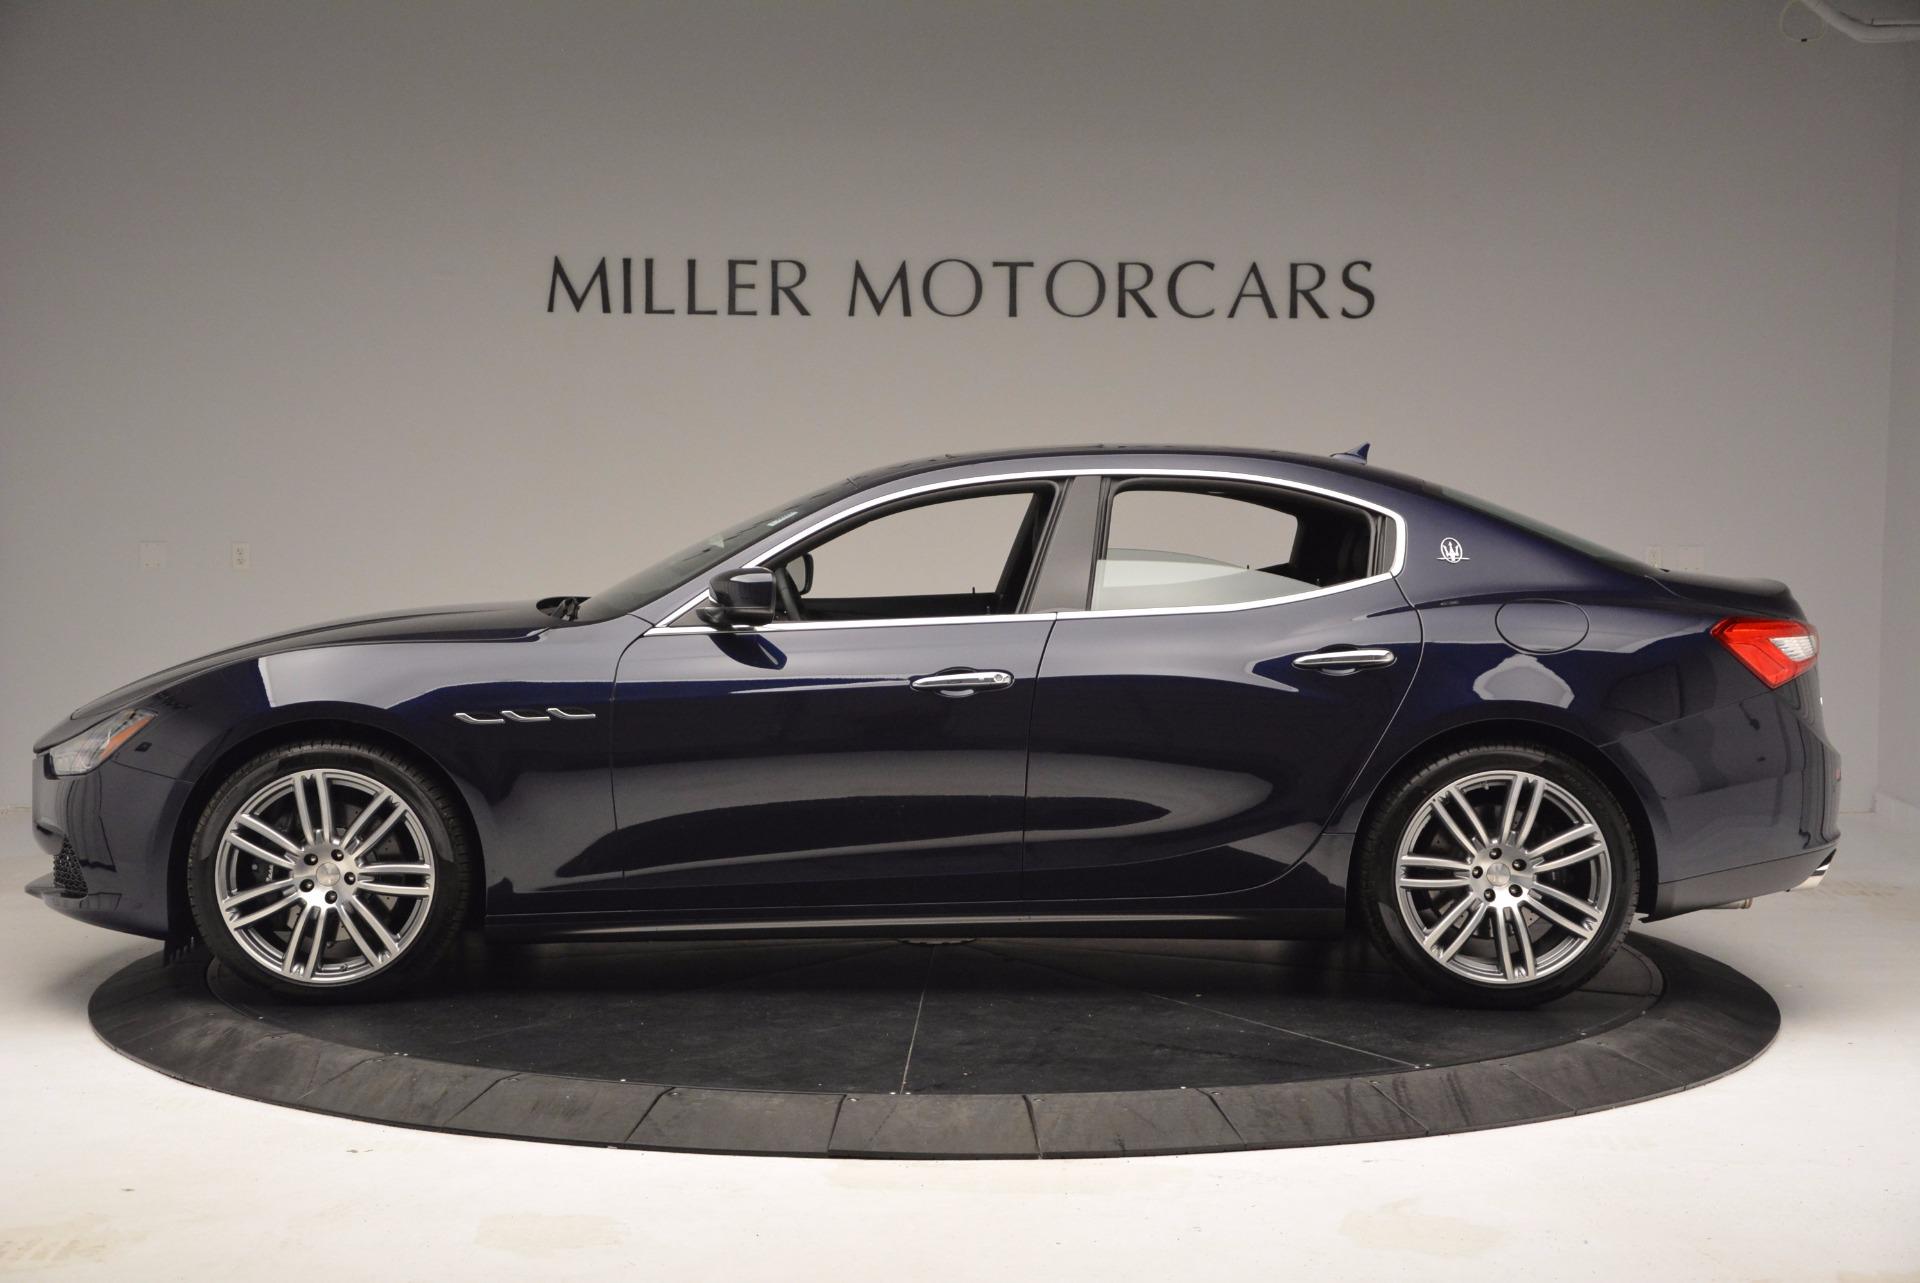 New 2017 Maserati Ghibli S Q4 For Sale In Greenwich, CT 1041_p3